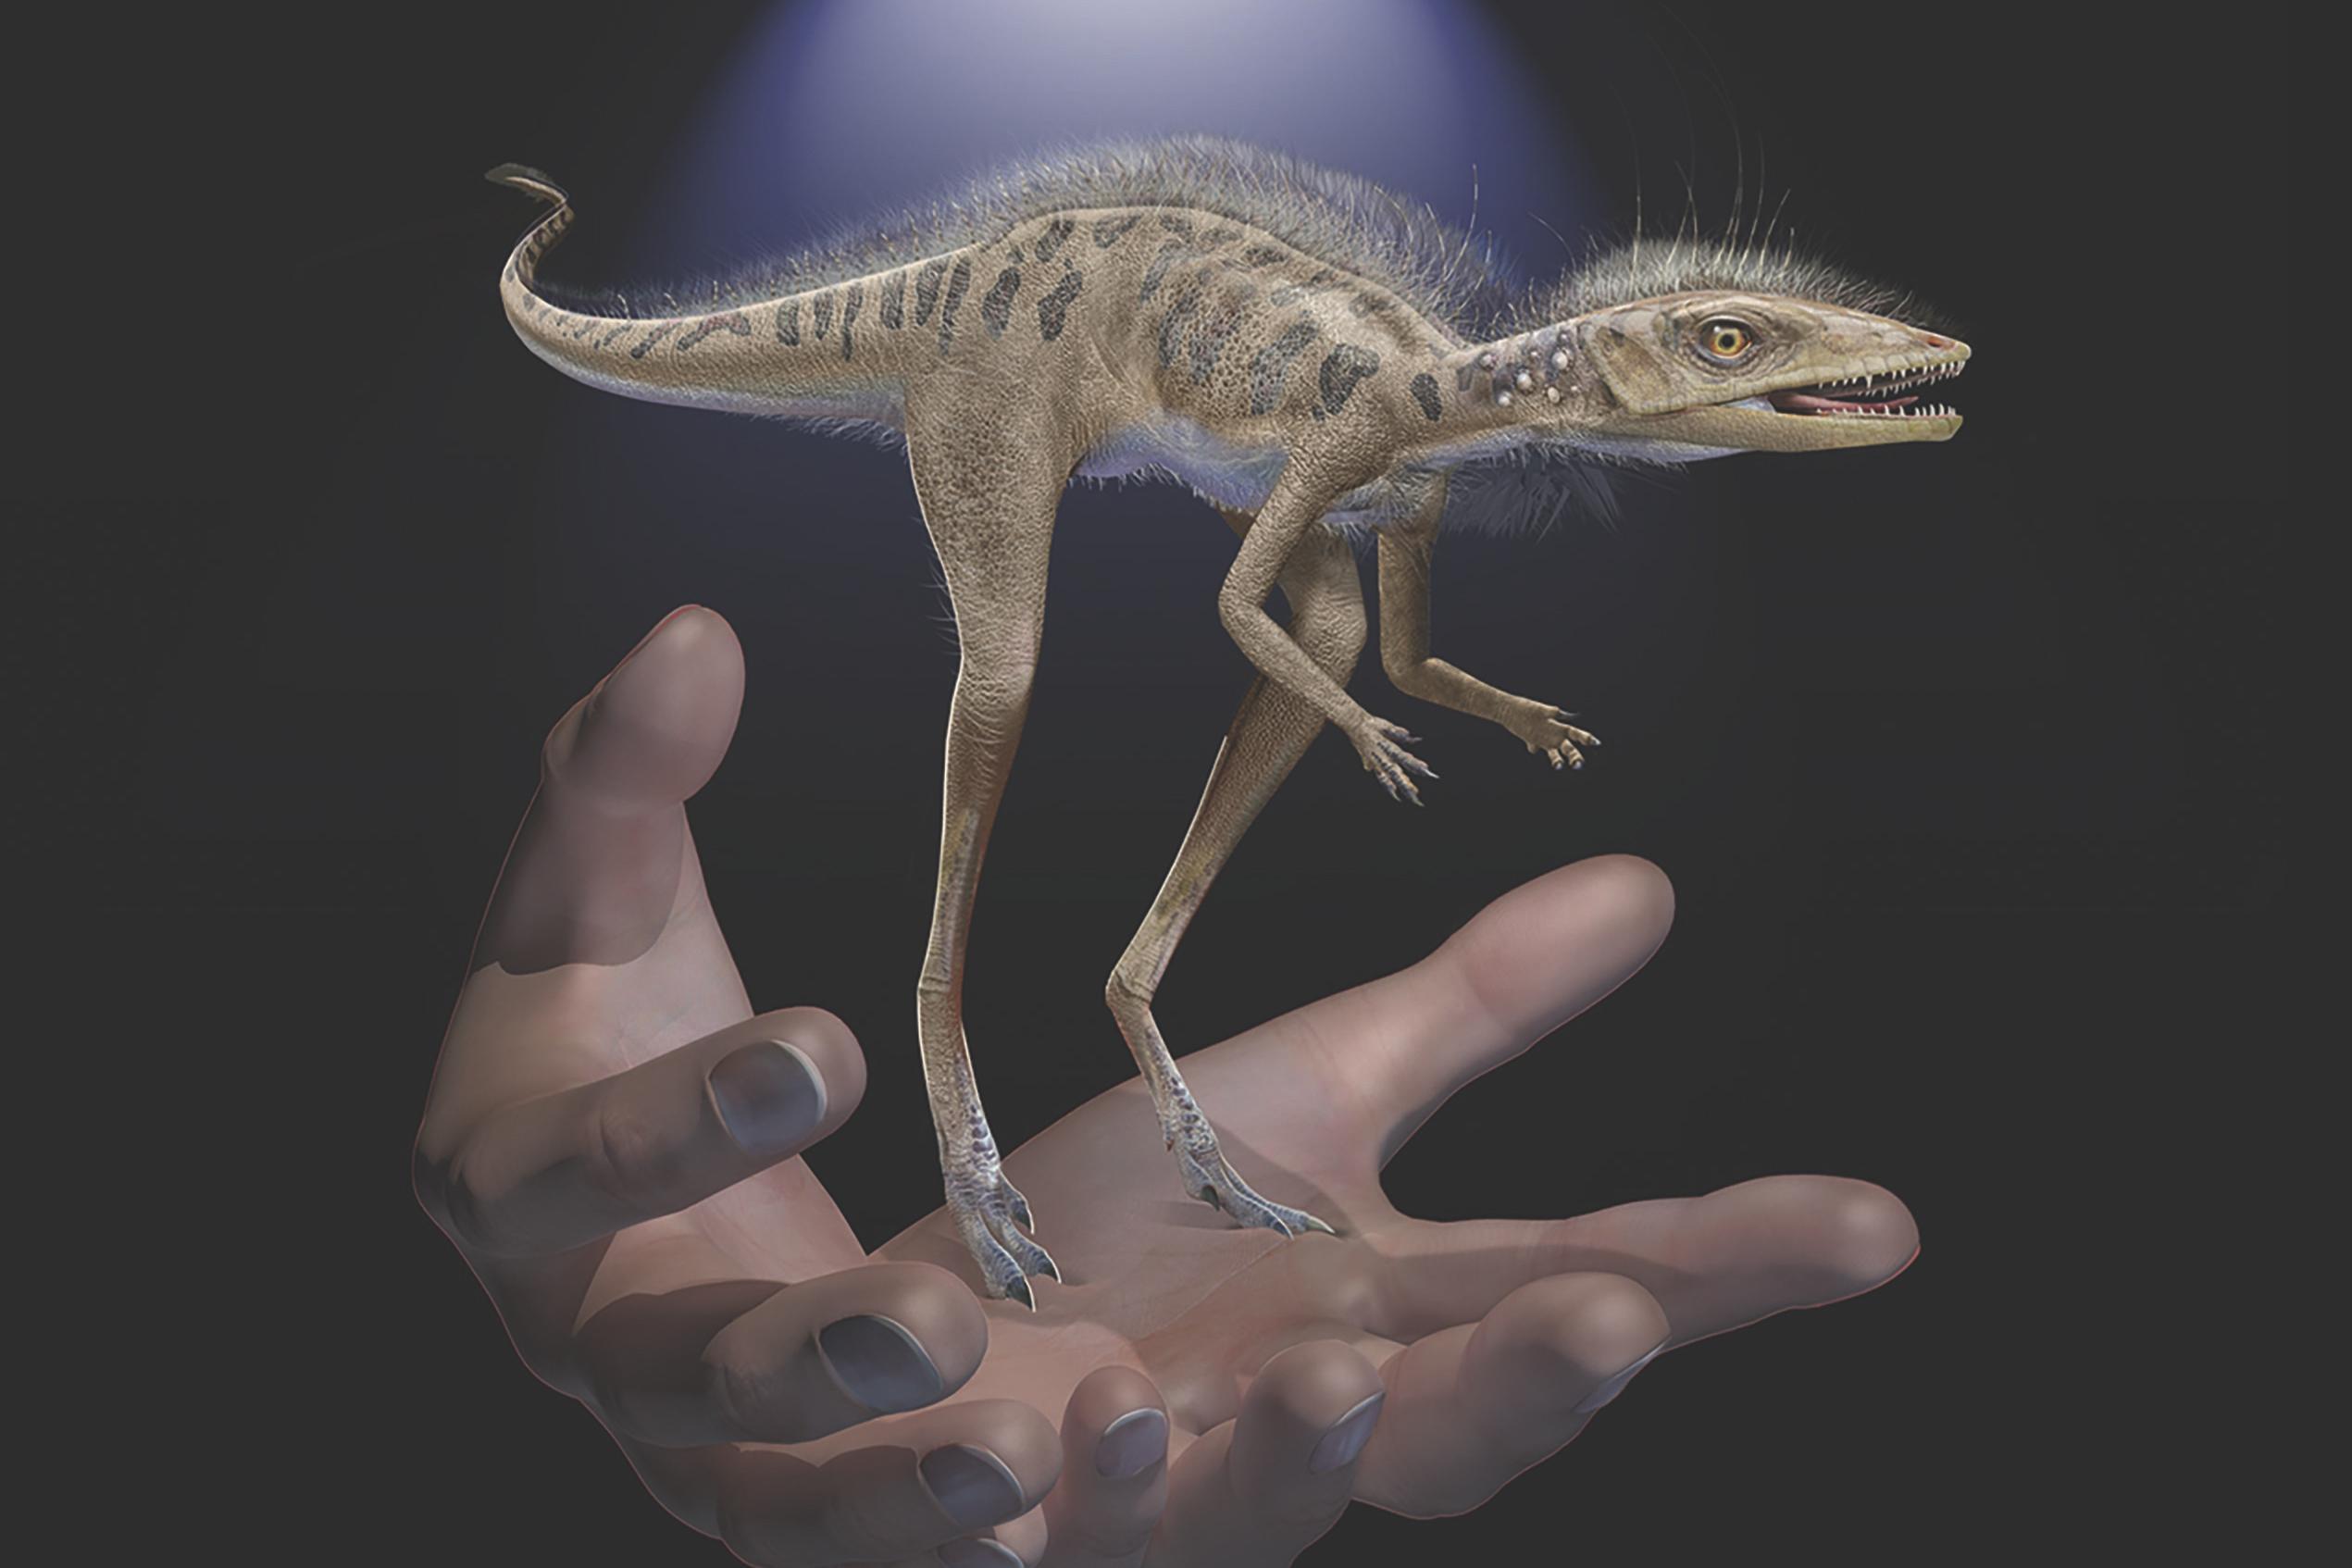 Обнаружены останки миниатюрного предка динозавров и птерозавров